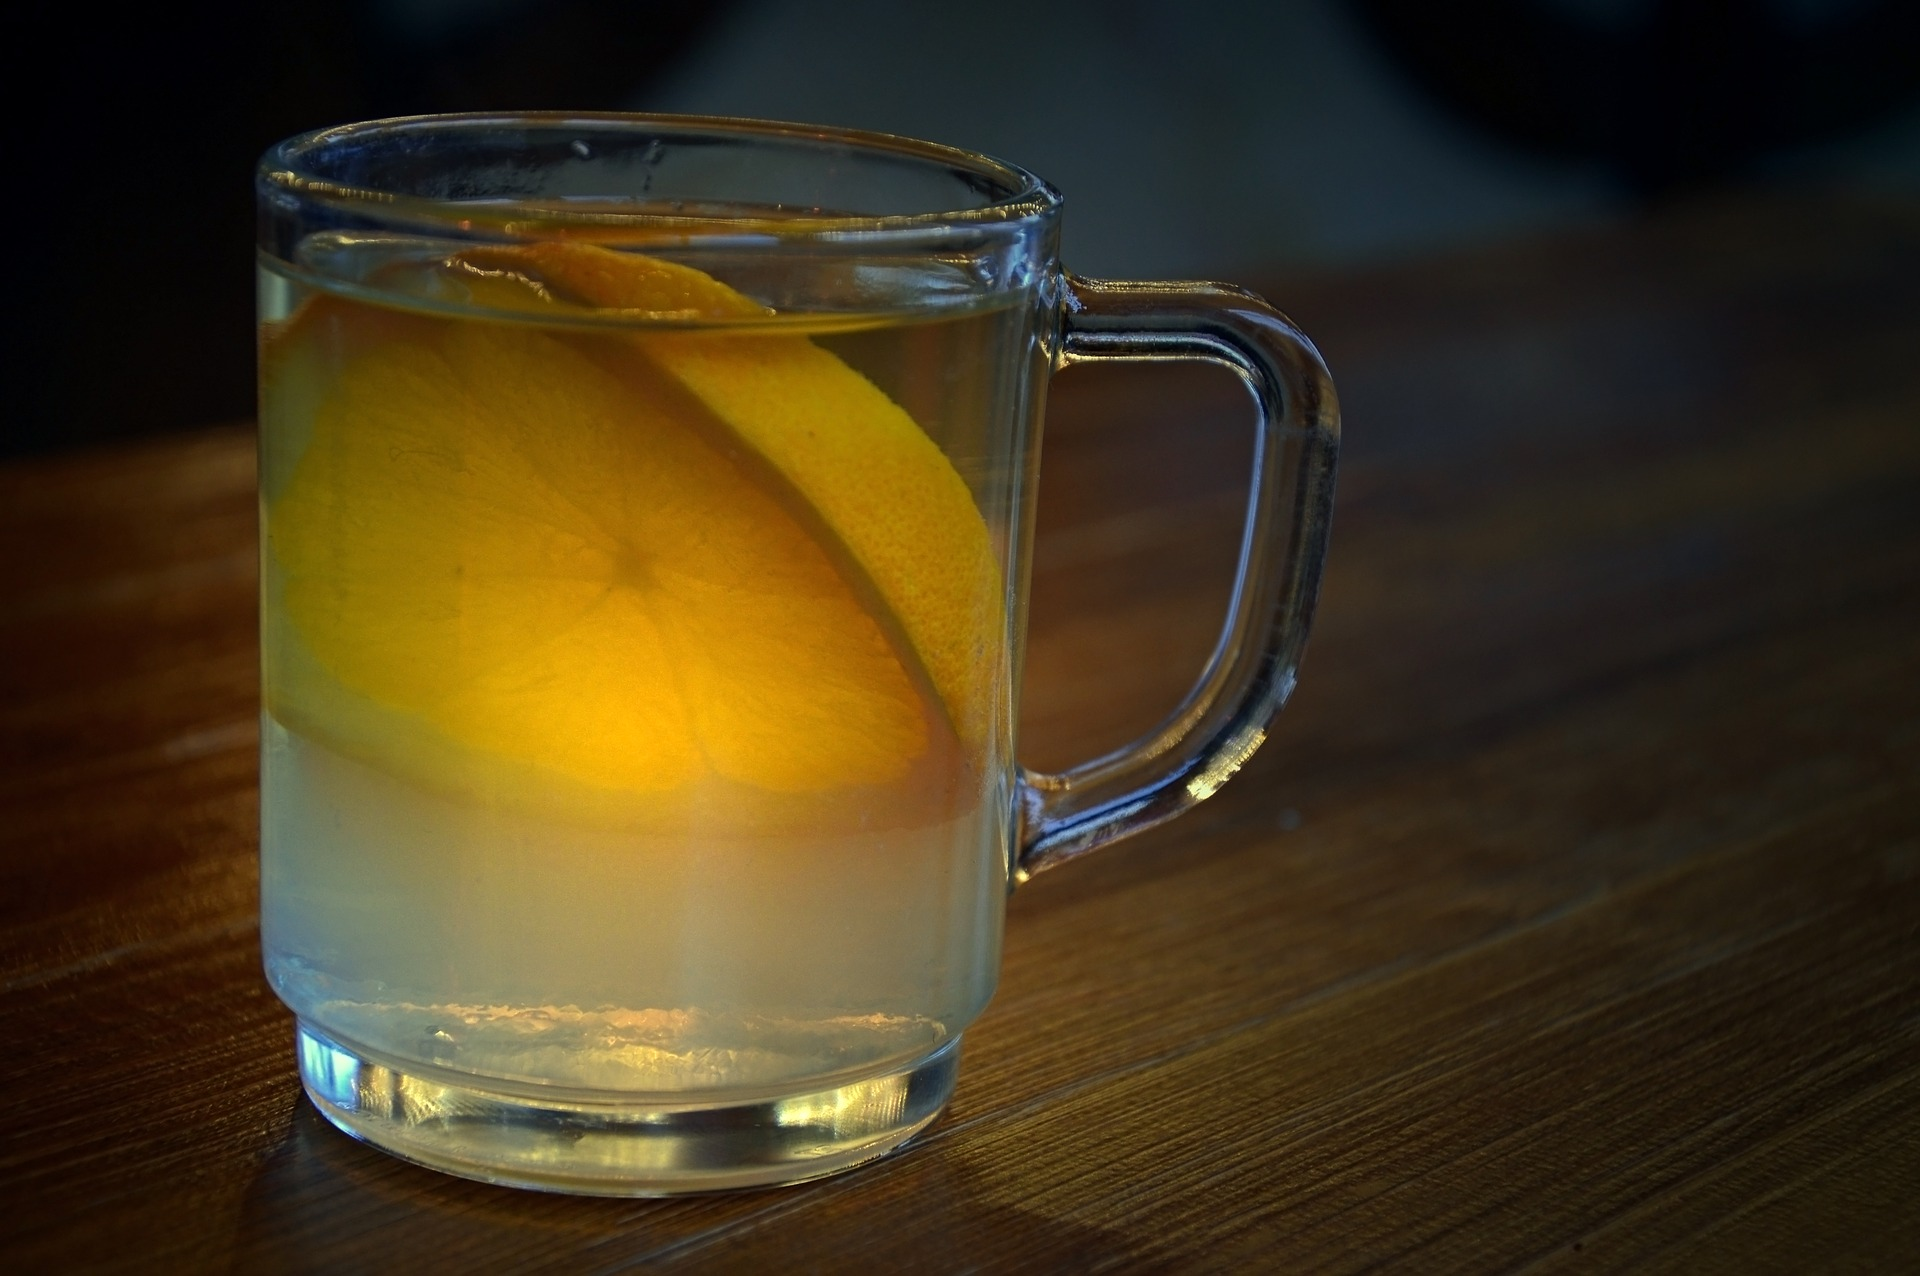 Glüh-Gin statt Glühwein – der neue Wintertrend! Was musst Du beachten?